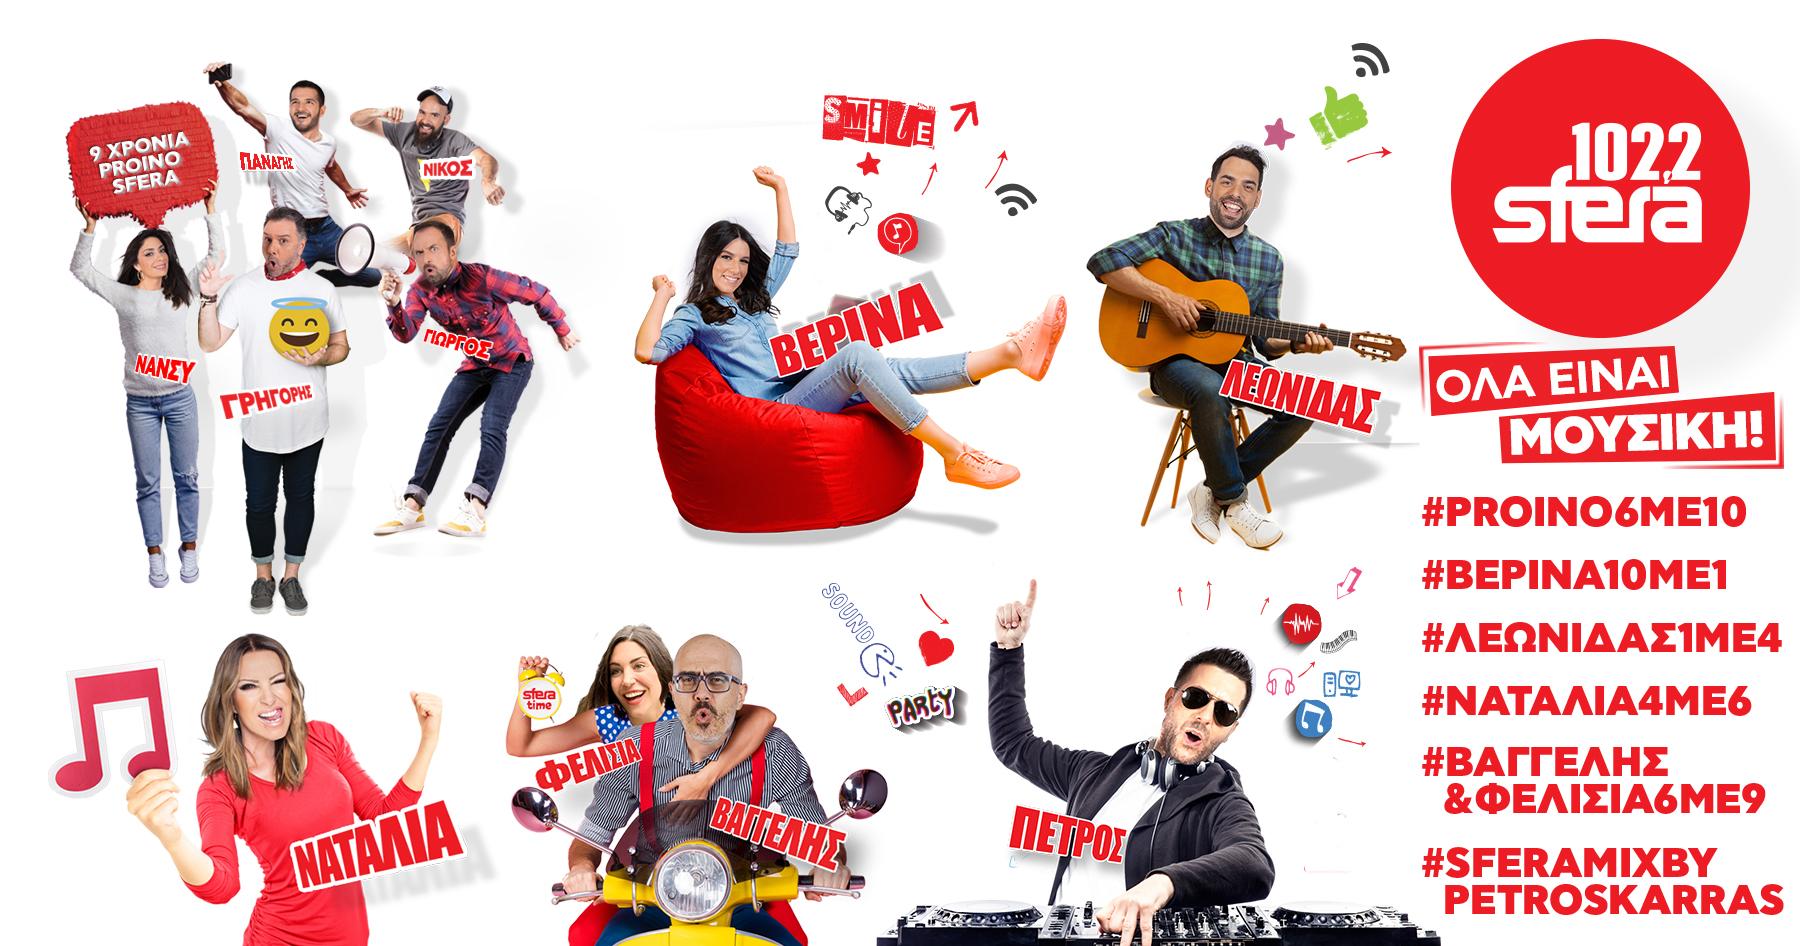 Στον Sfera όλα είναι μουσική και όλοι παίζουν τις πιο hot επιτυχίες